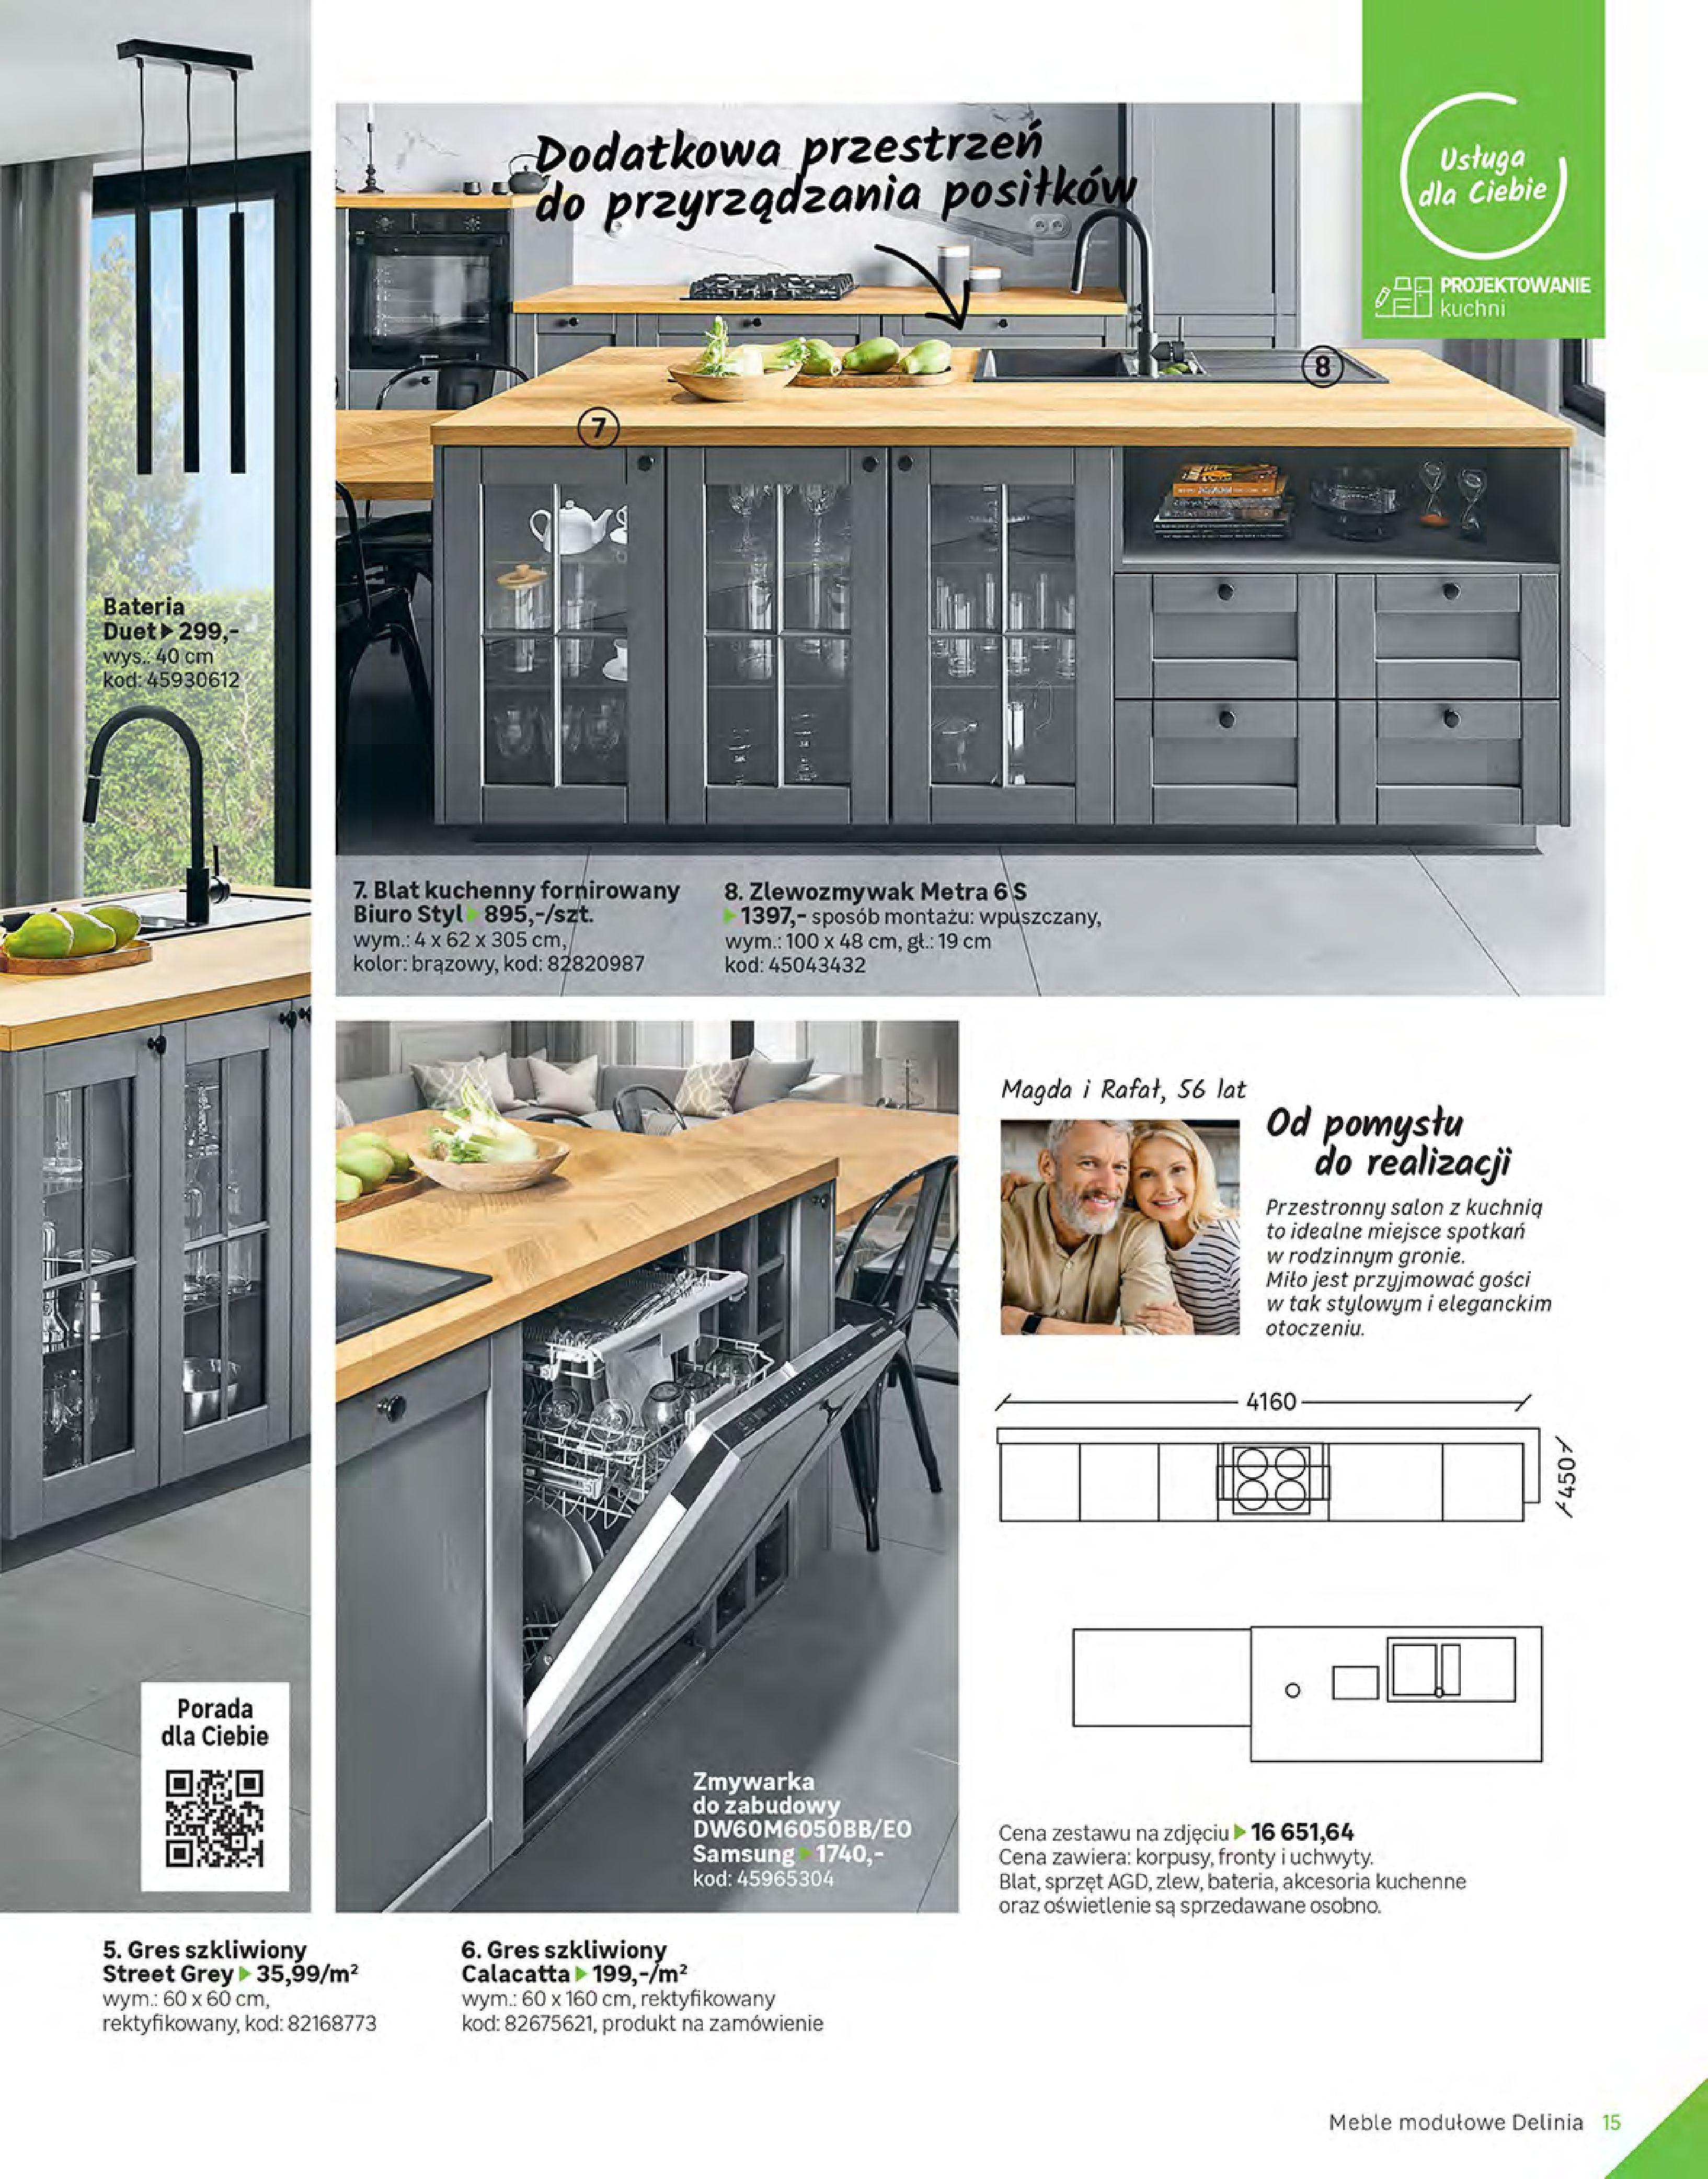 Gazetka Leroy Merlin: Gazetka Leroy Merlin - Katalog Projekty 2021-06-01 page-15